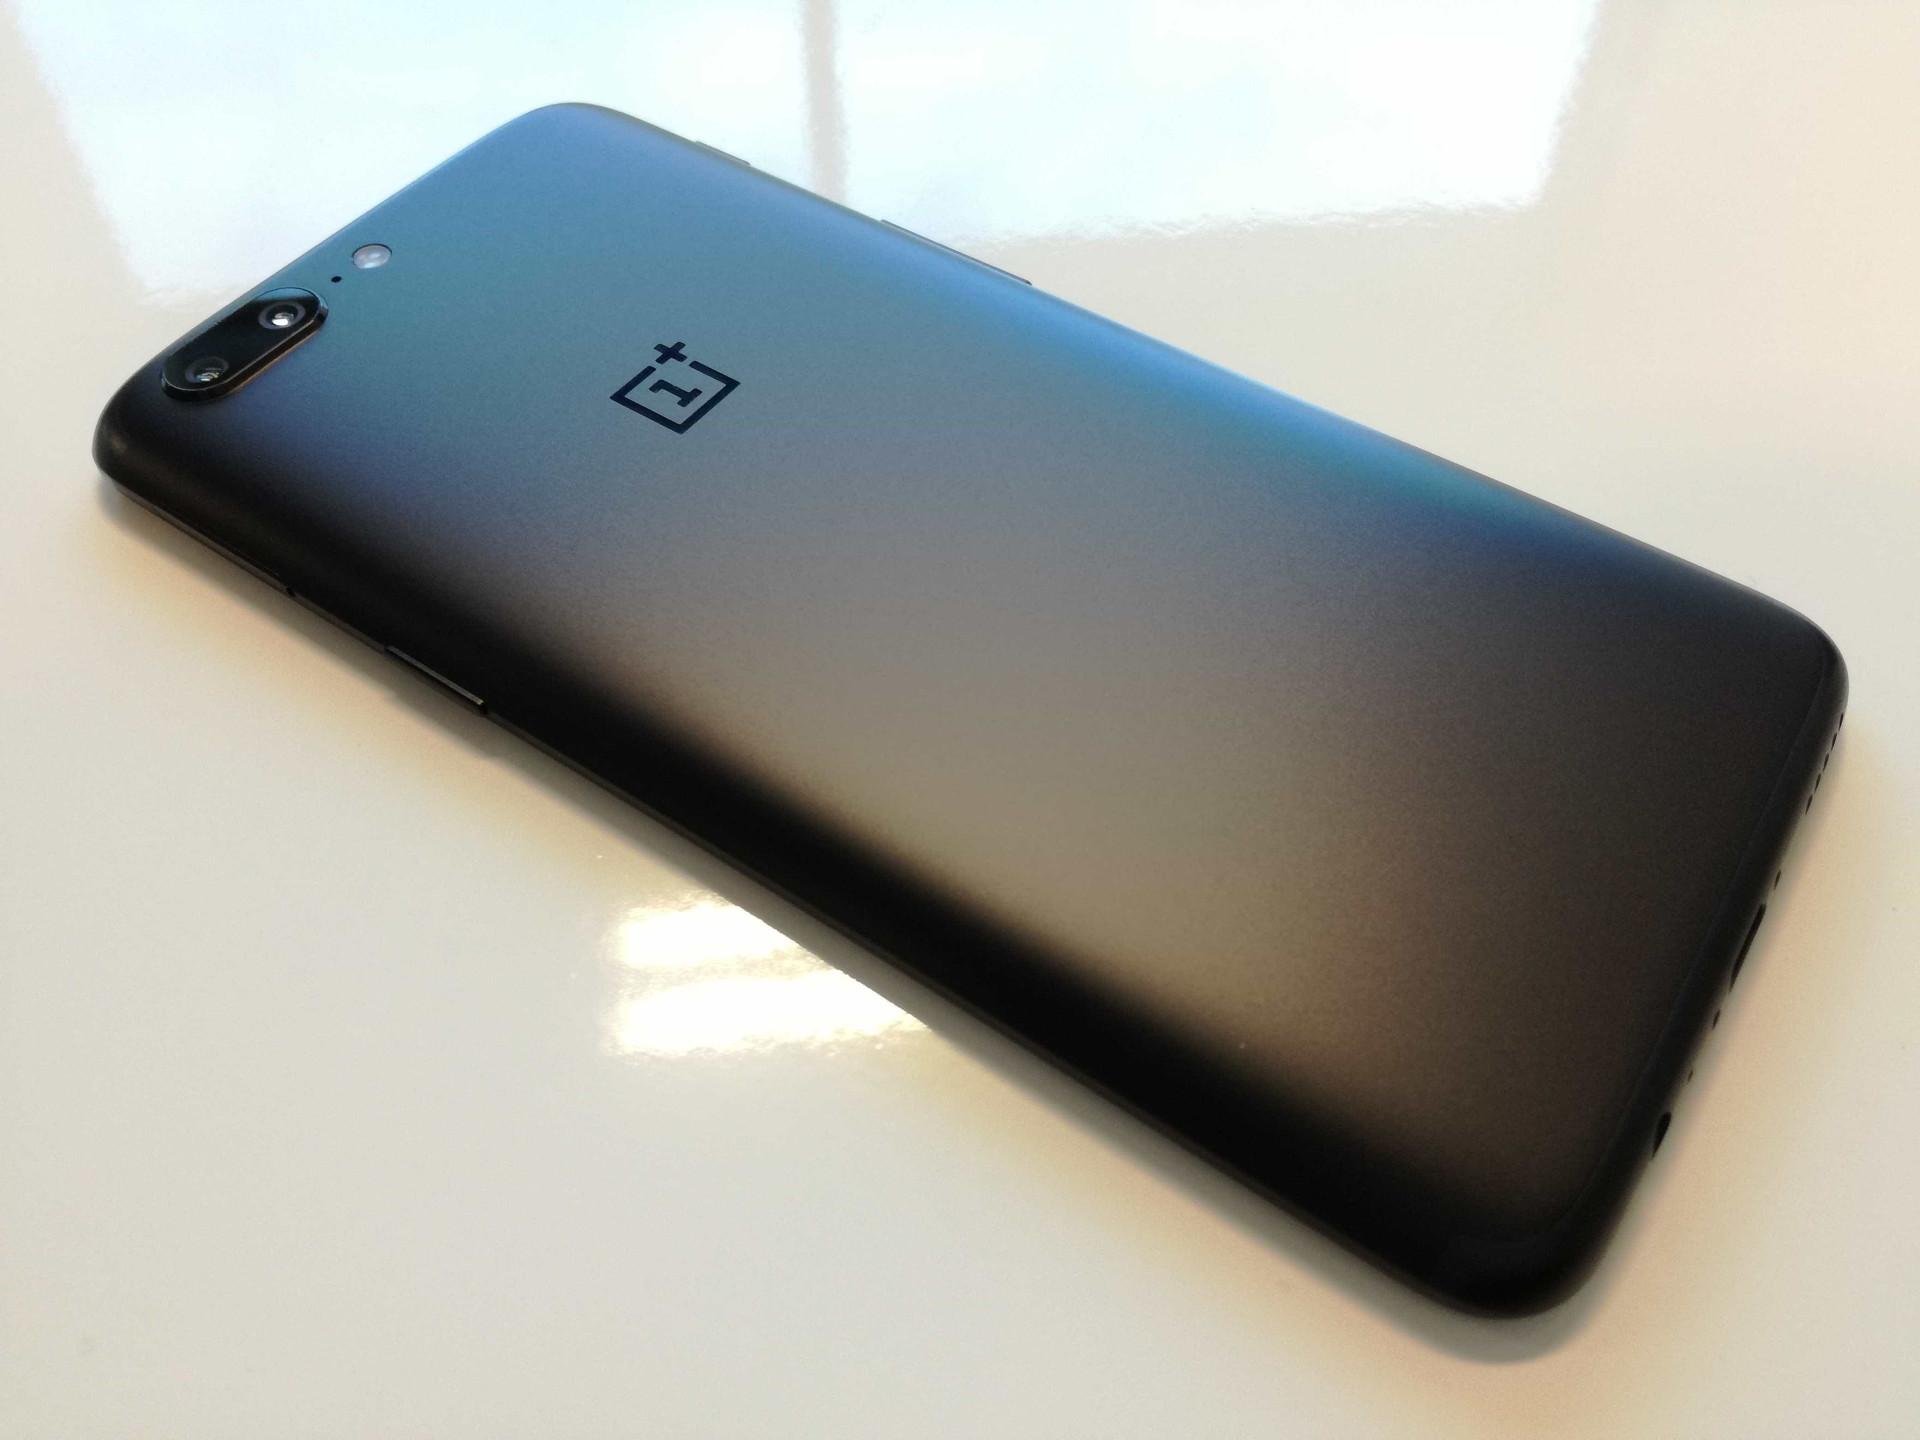 Novo OnePlus anunciado no início de maio?